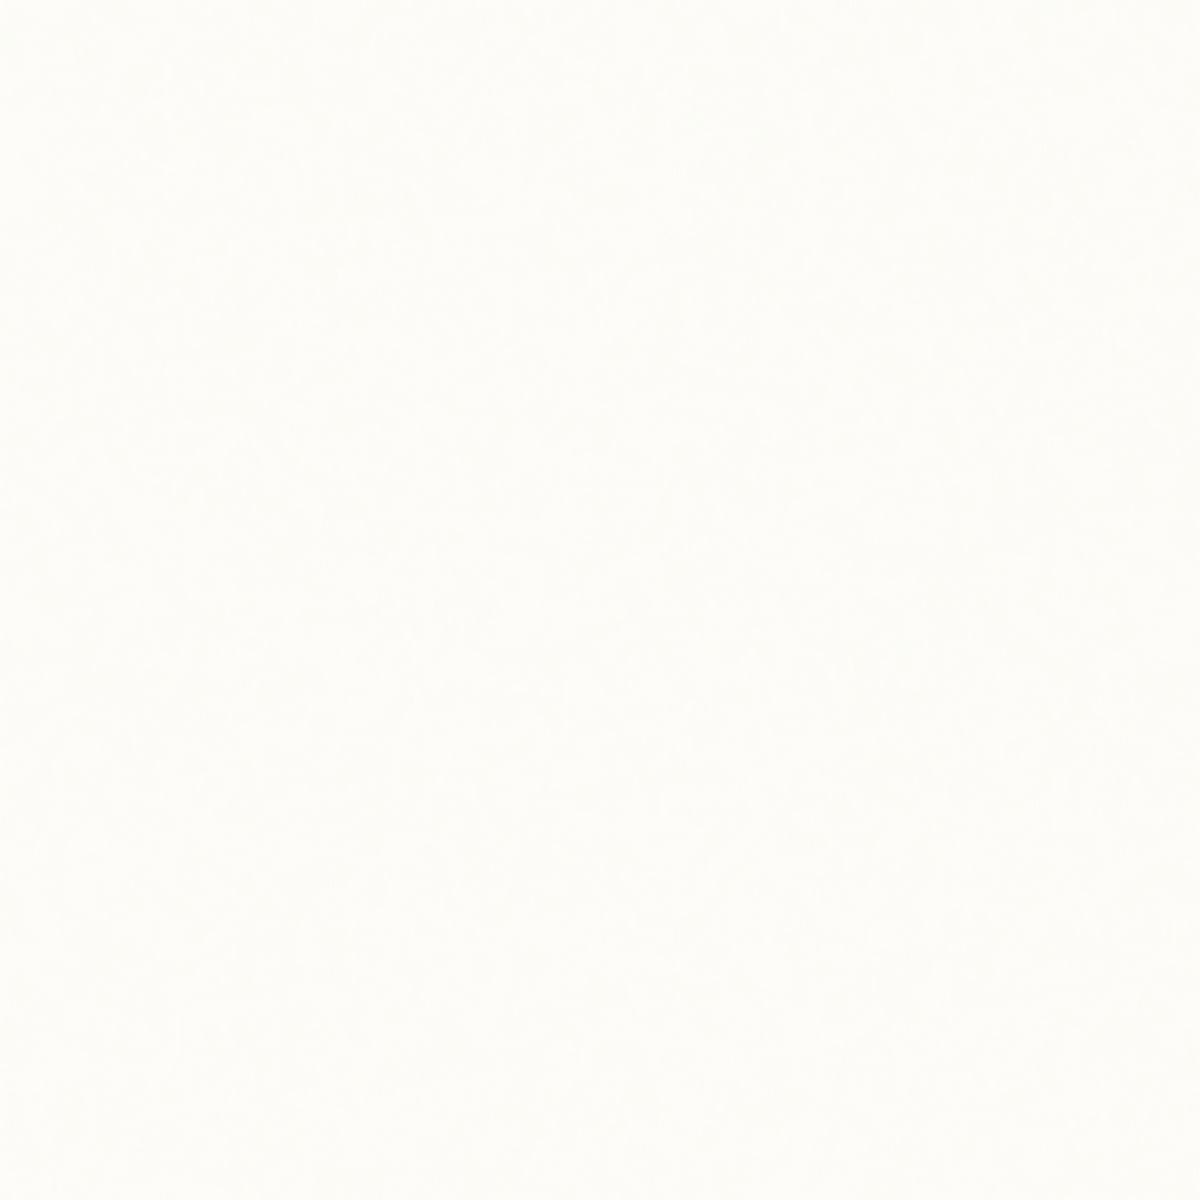 GRESIE SUPER SUPER WHITE FC-6B6000 60X60